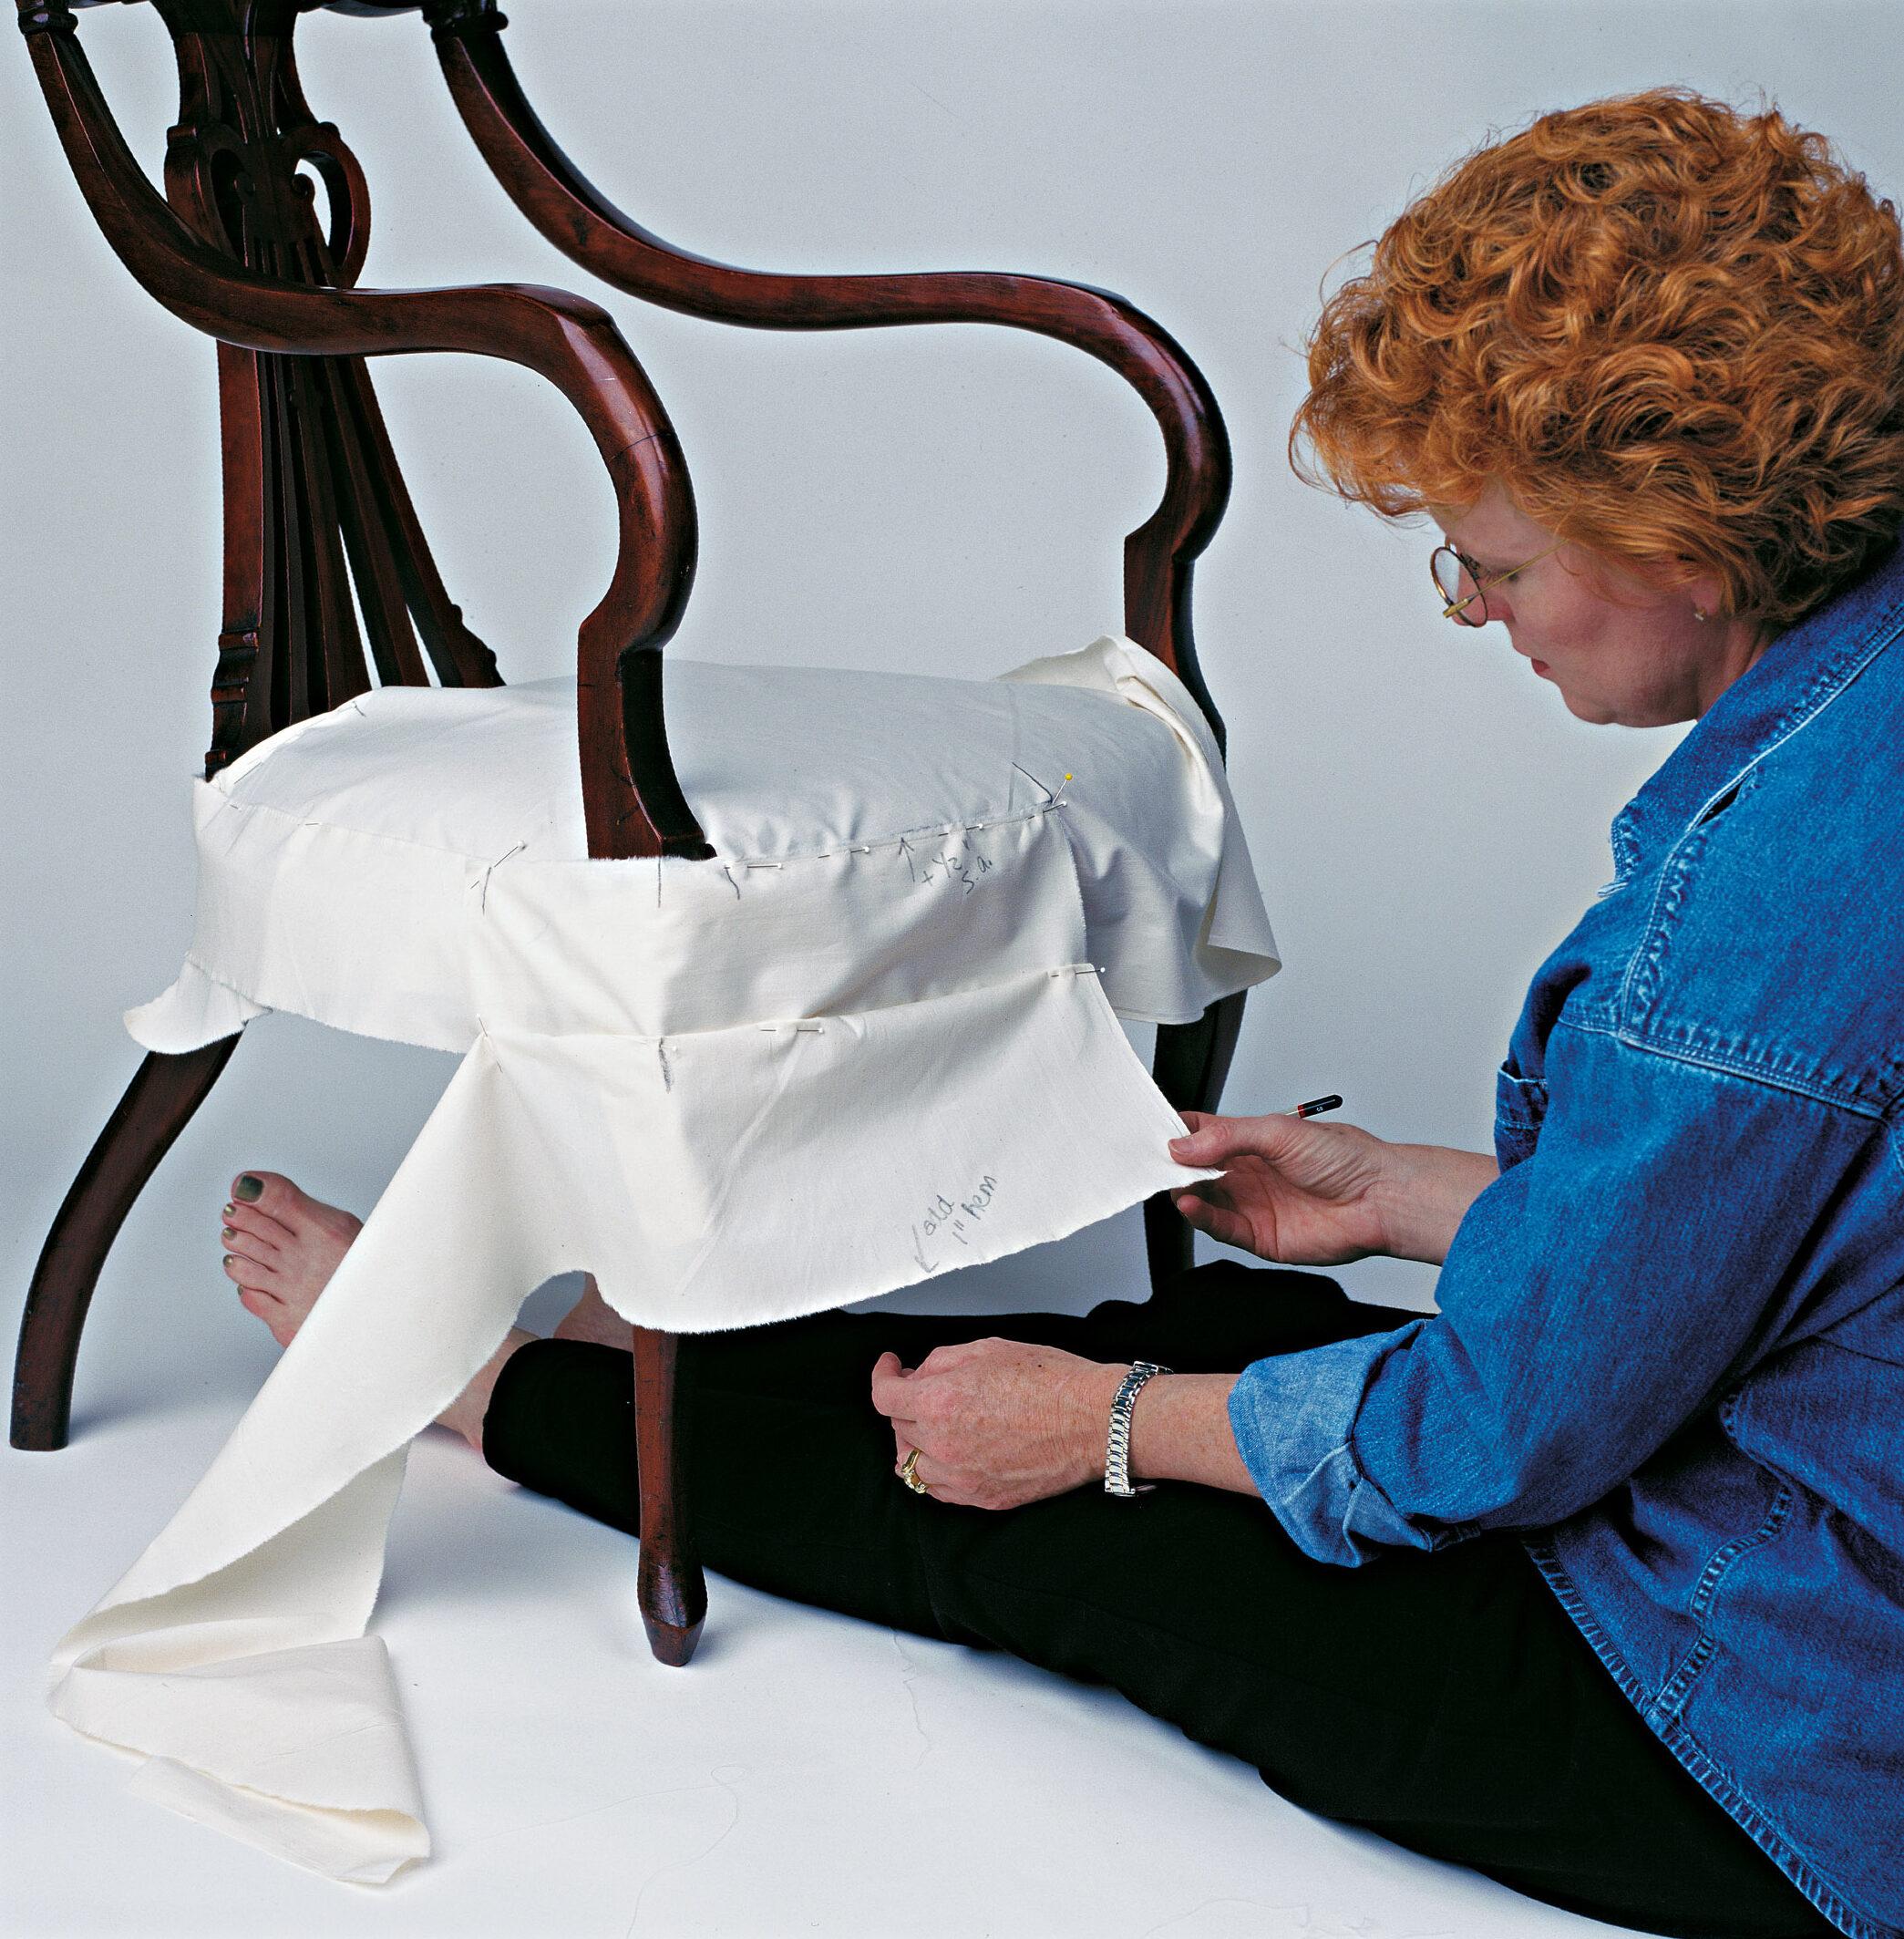 Make skirt, creating overlaps to match band overlaps. Mark center of legs for inverted pleat.